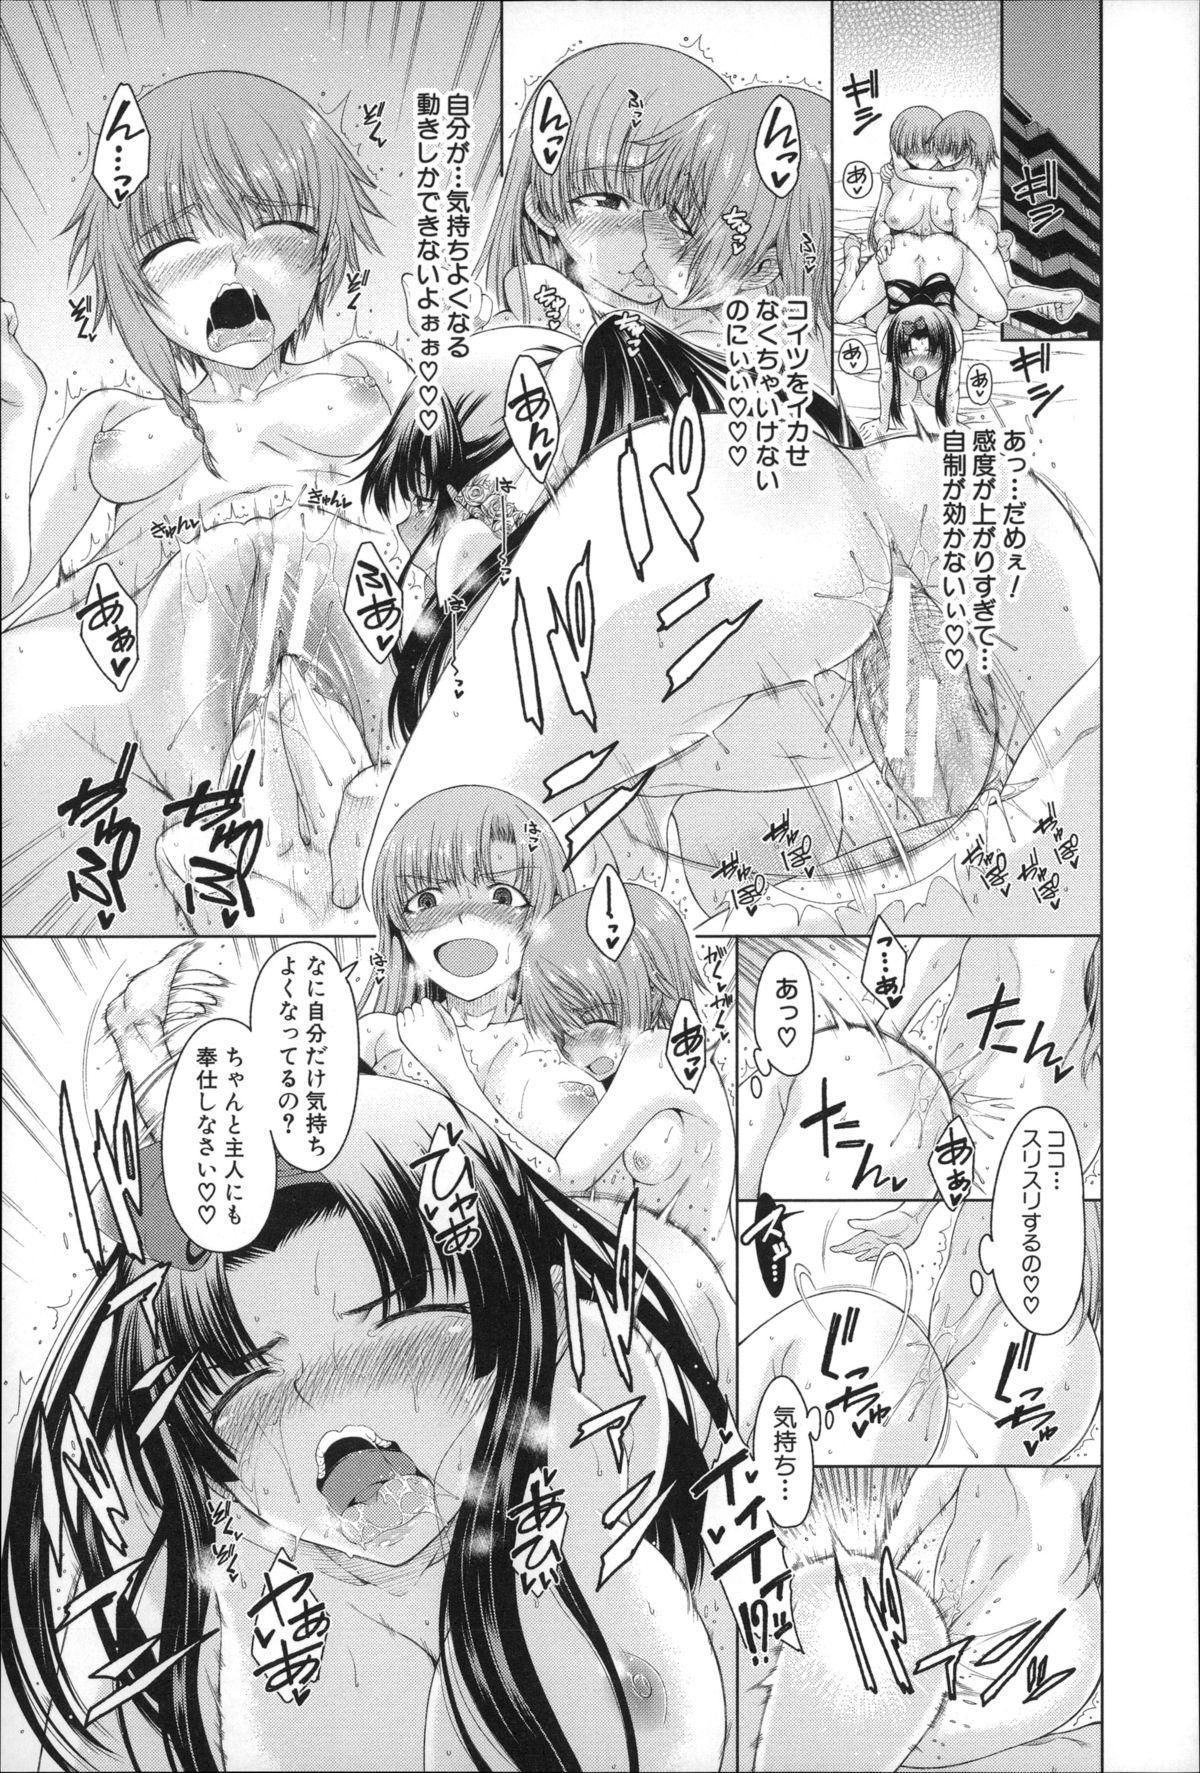 Migite ga Bishoujo ni Natta kara Sex Shita kedo Doutei dayone!! 129